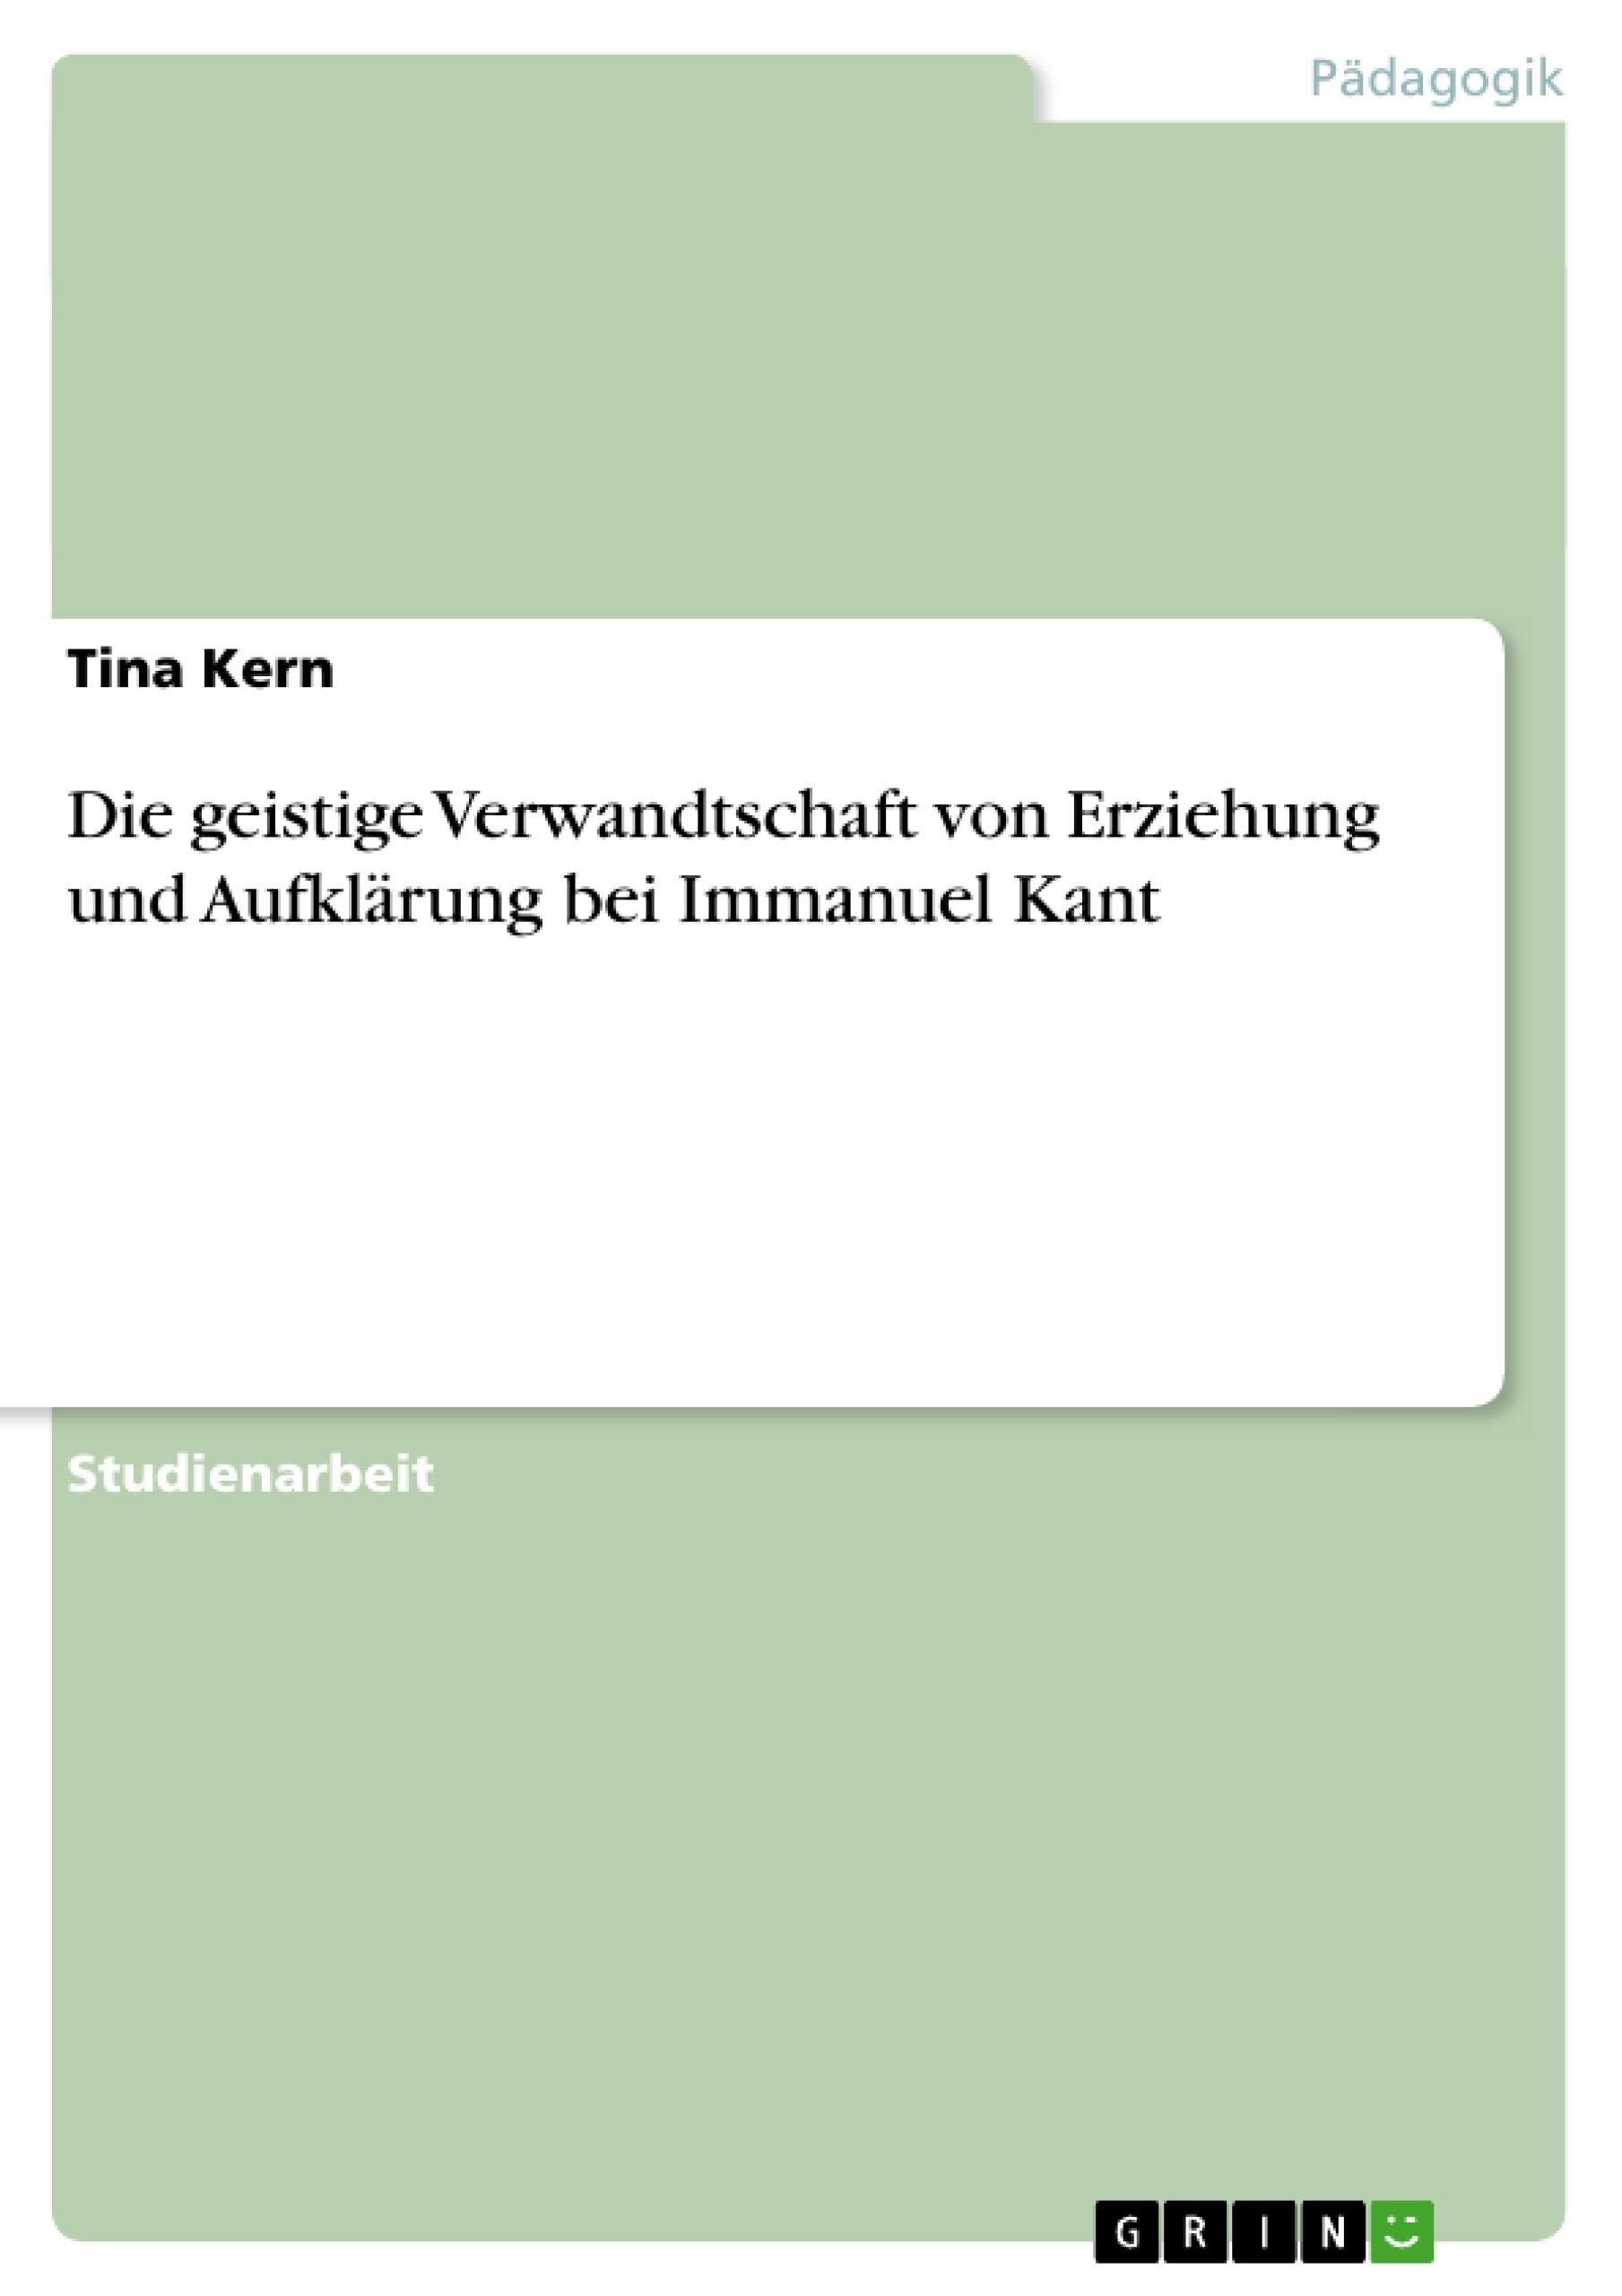 Titel: Die geistige Verwandtschaft von Erziehung und Aufklärung bei Immanuel Kant